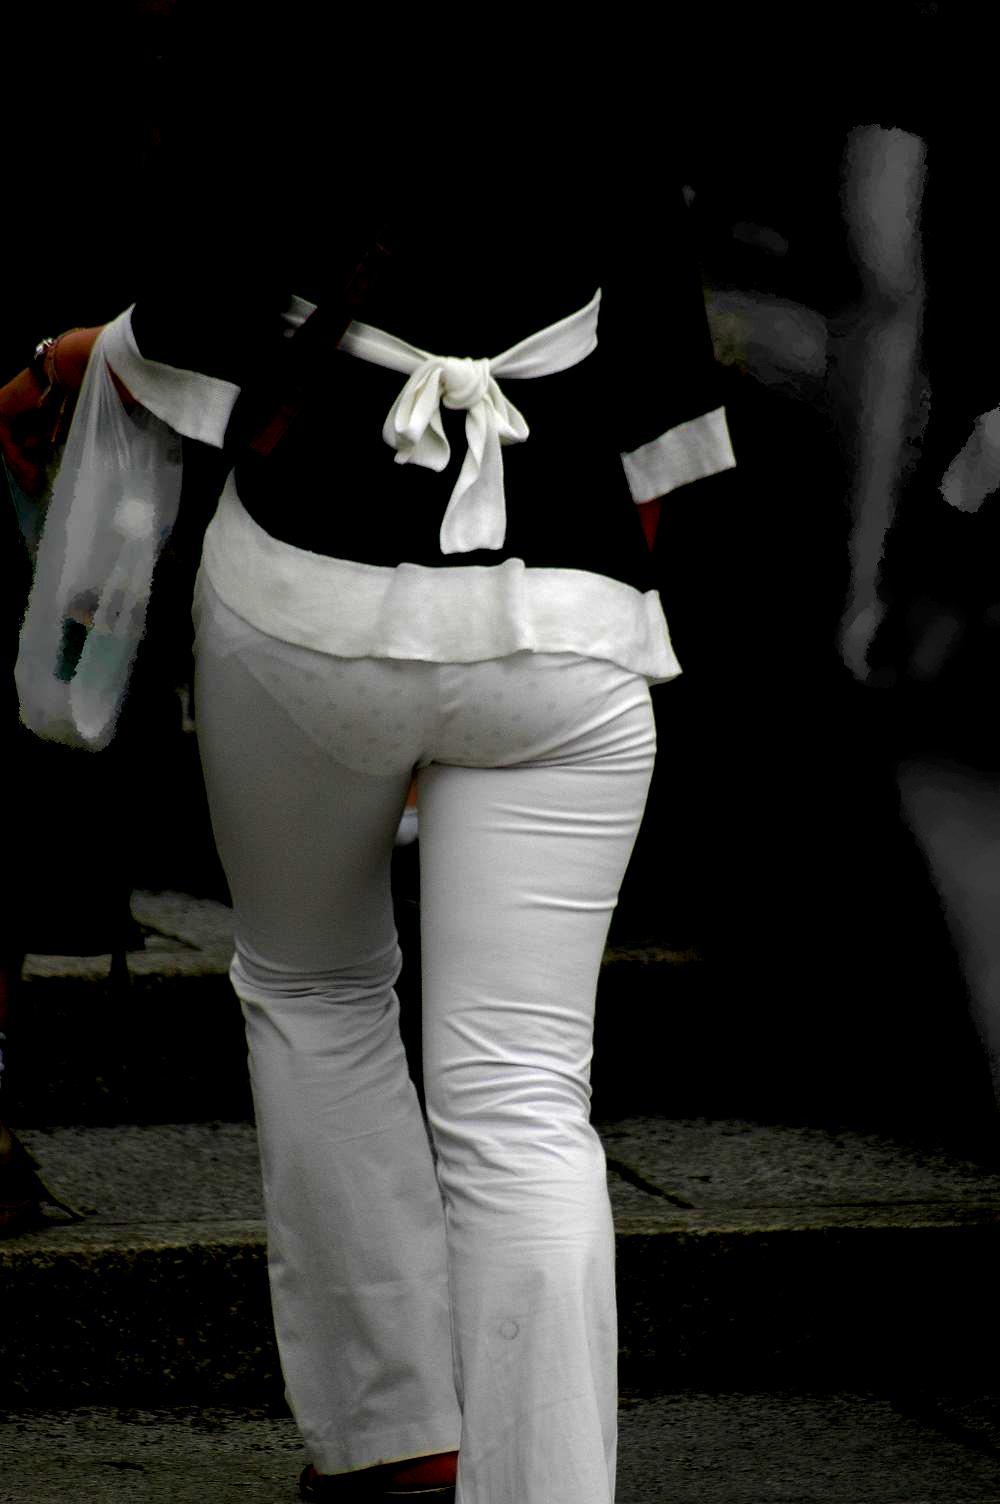 下着が尻から透けまくりな素人さん (6)